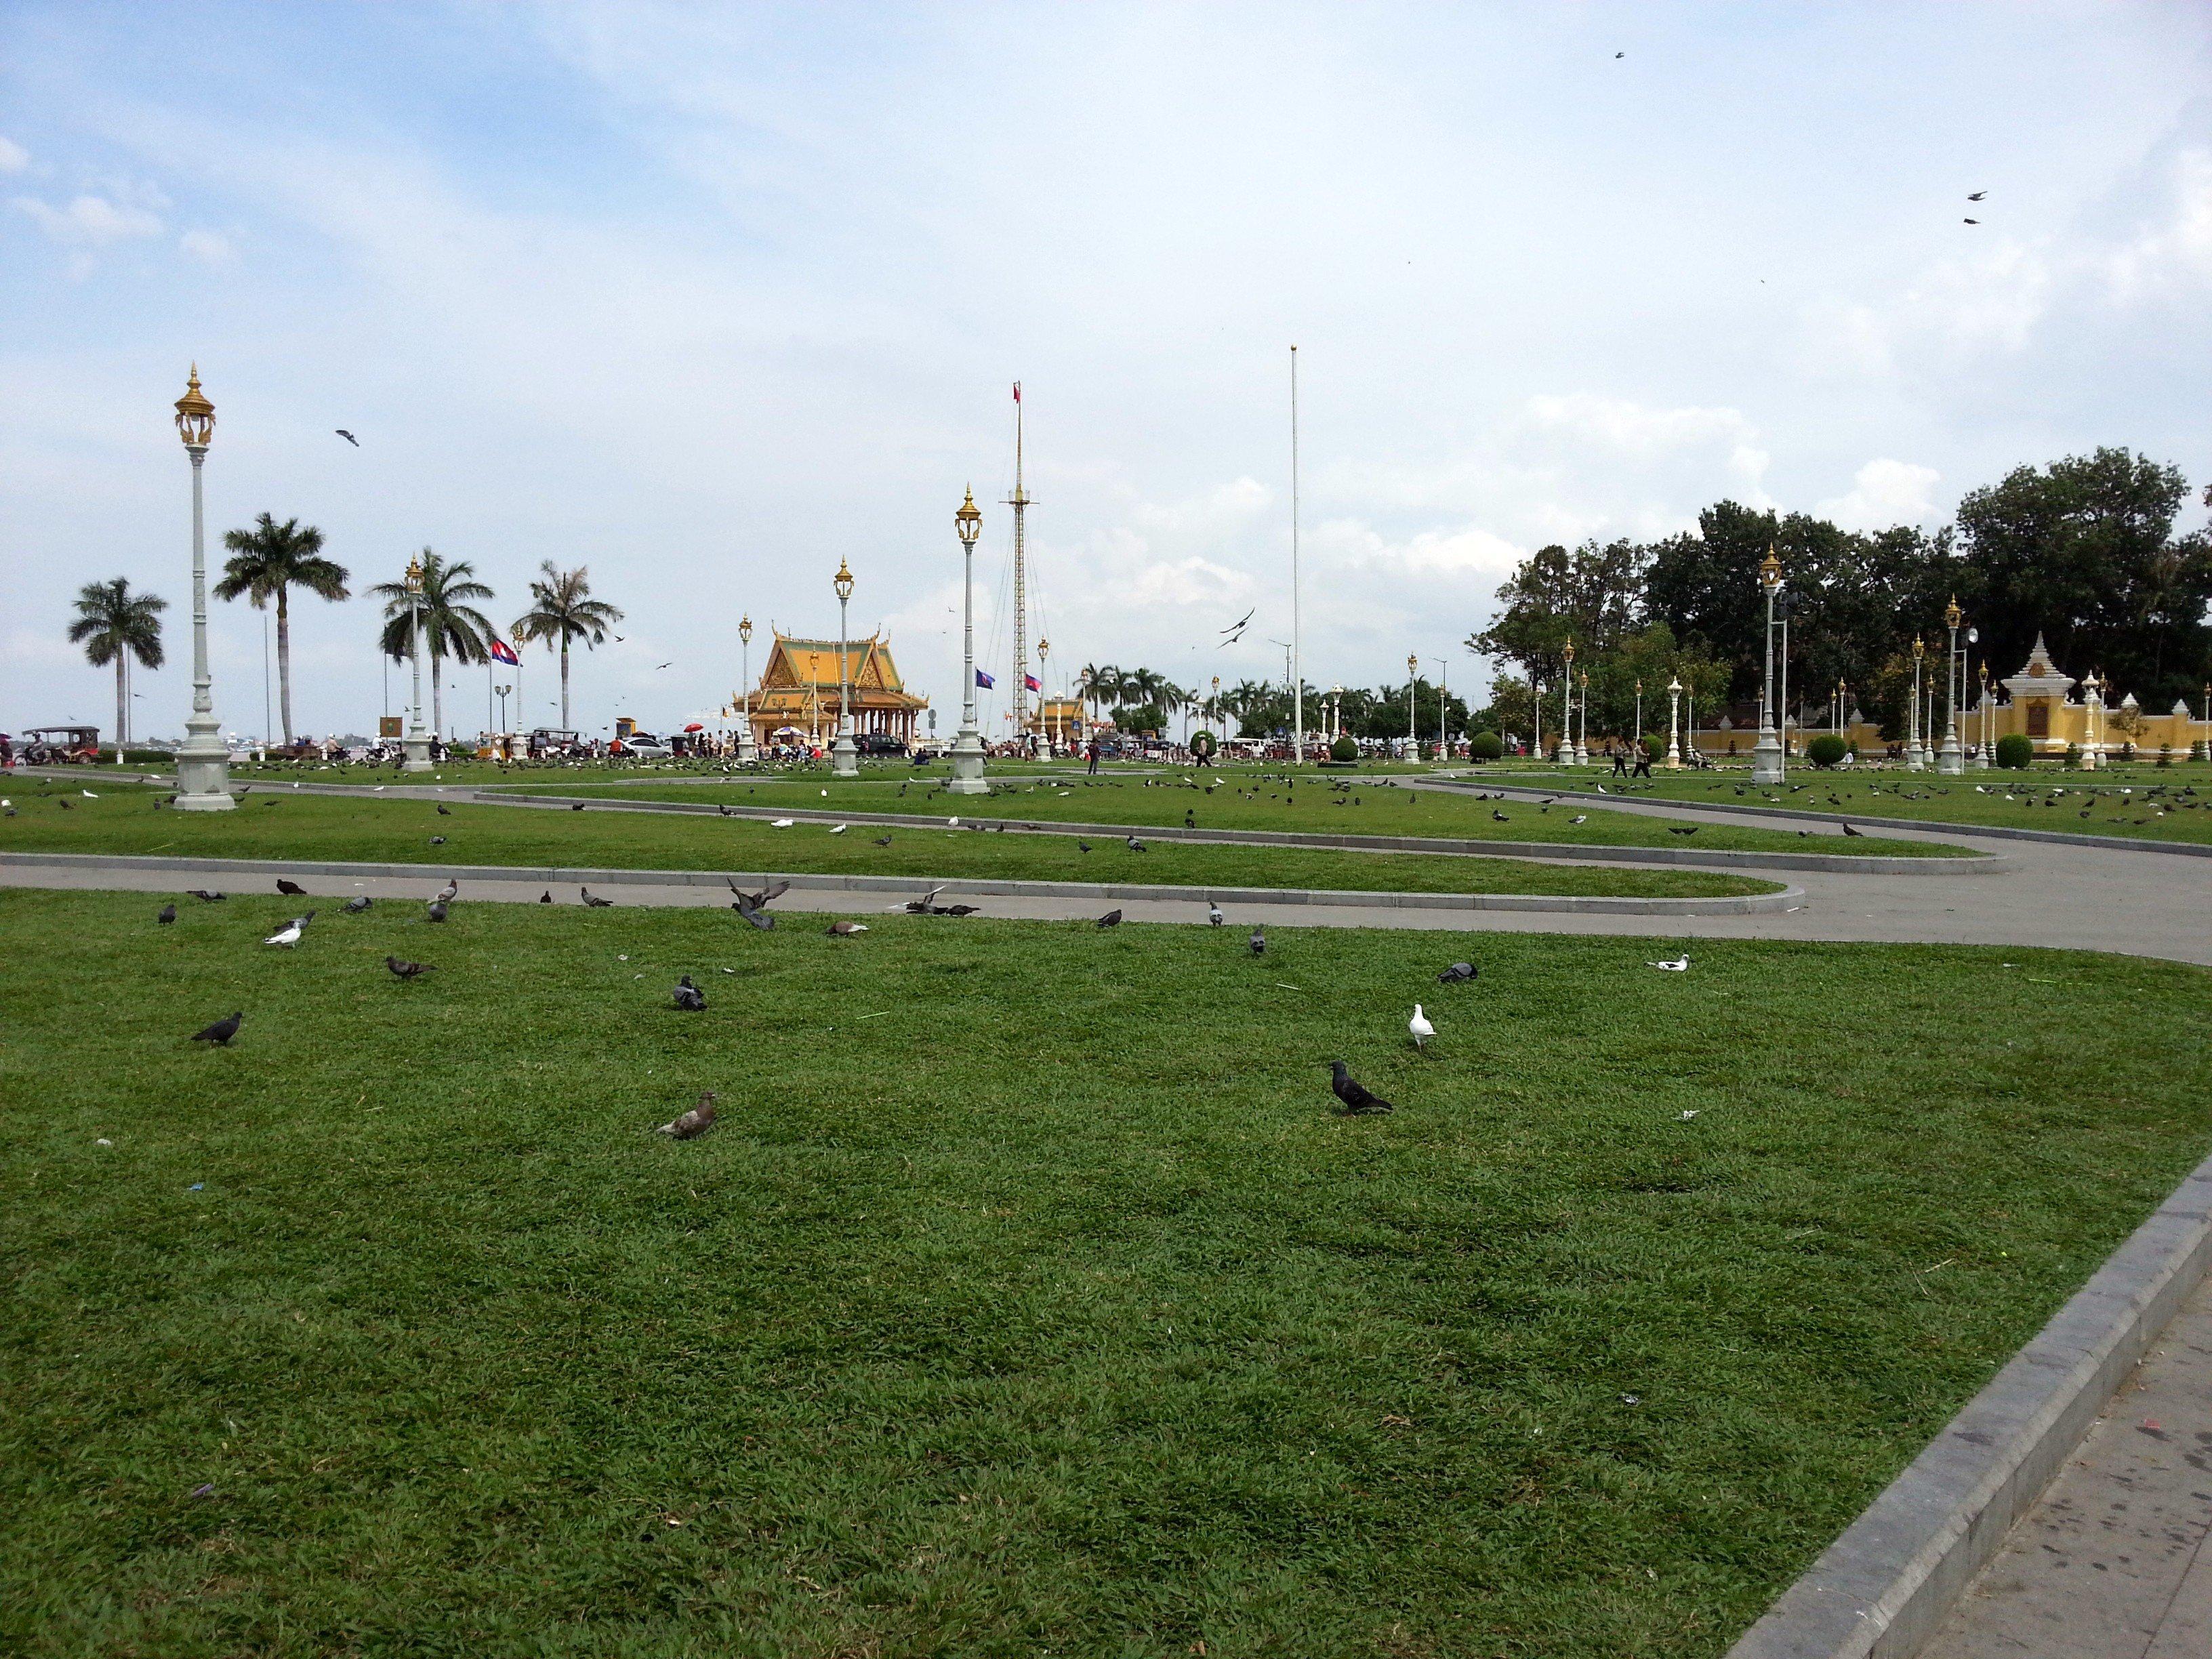 Royal Palace Park in Phnom Penh